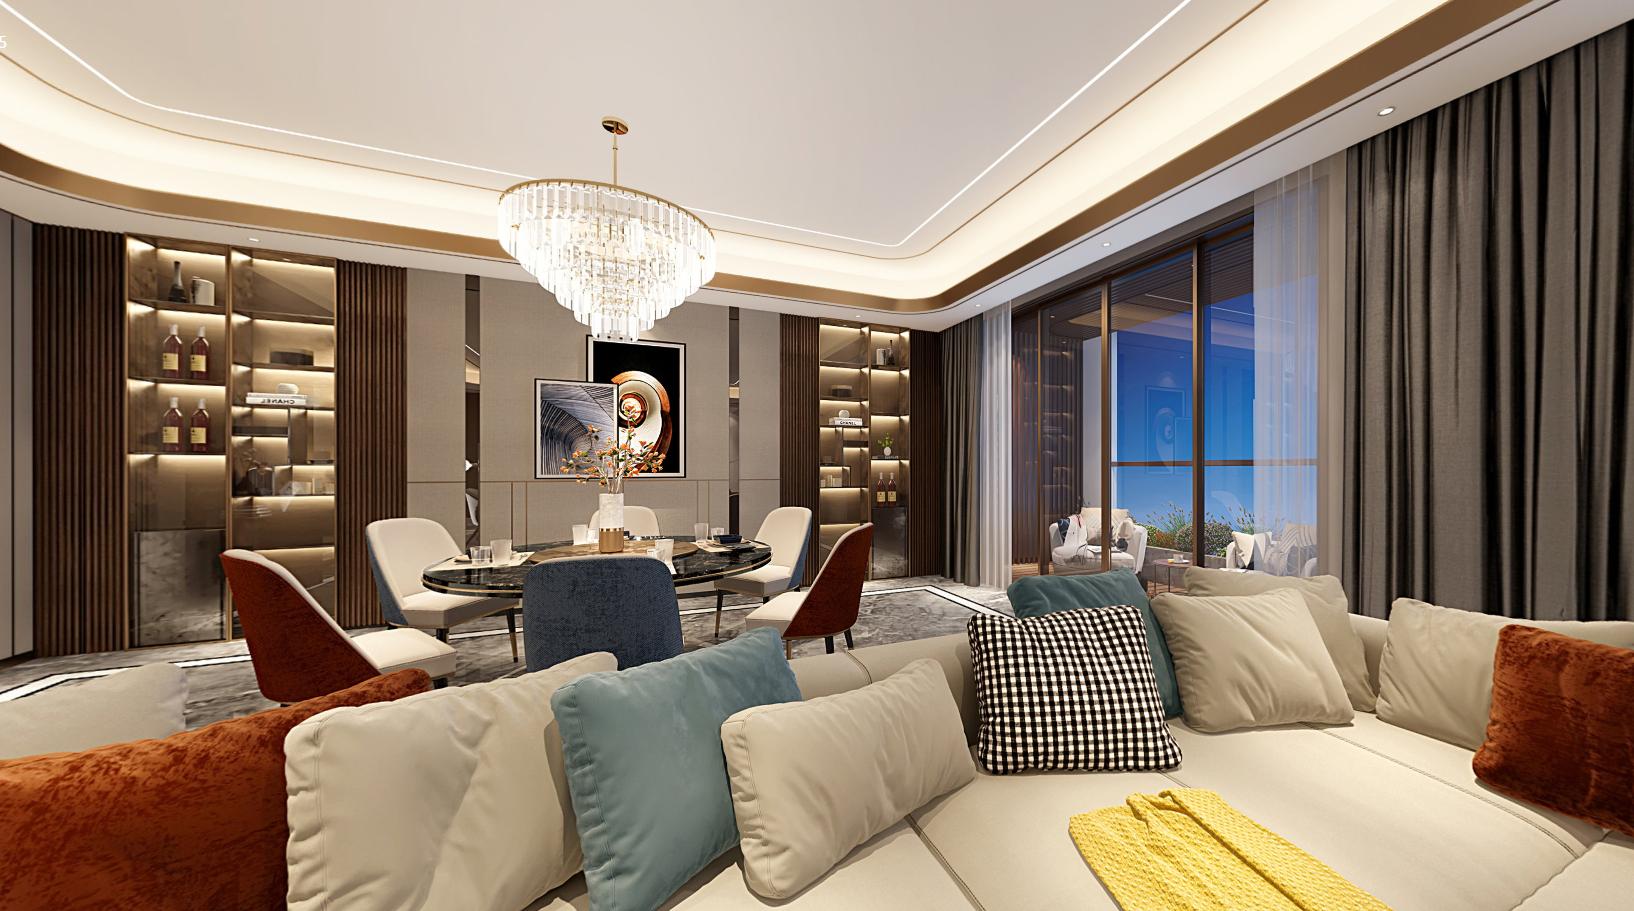 港式轻奢 朱平波 高端设计 成都装修 大平层 客厅图片来自朱平波在华润金悦湾-港式轻奢的分享